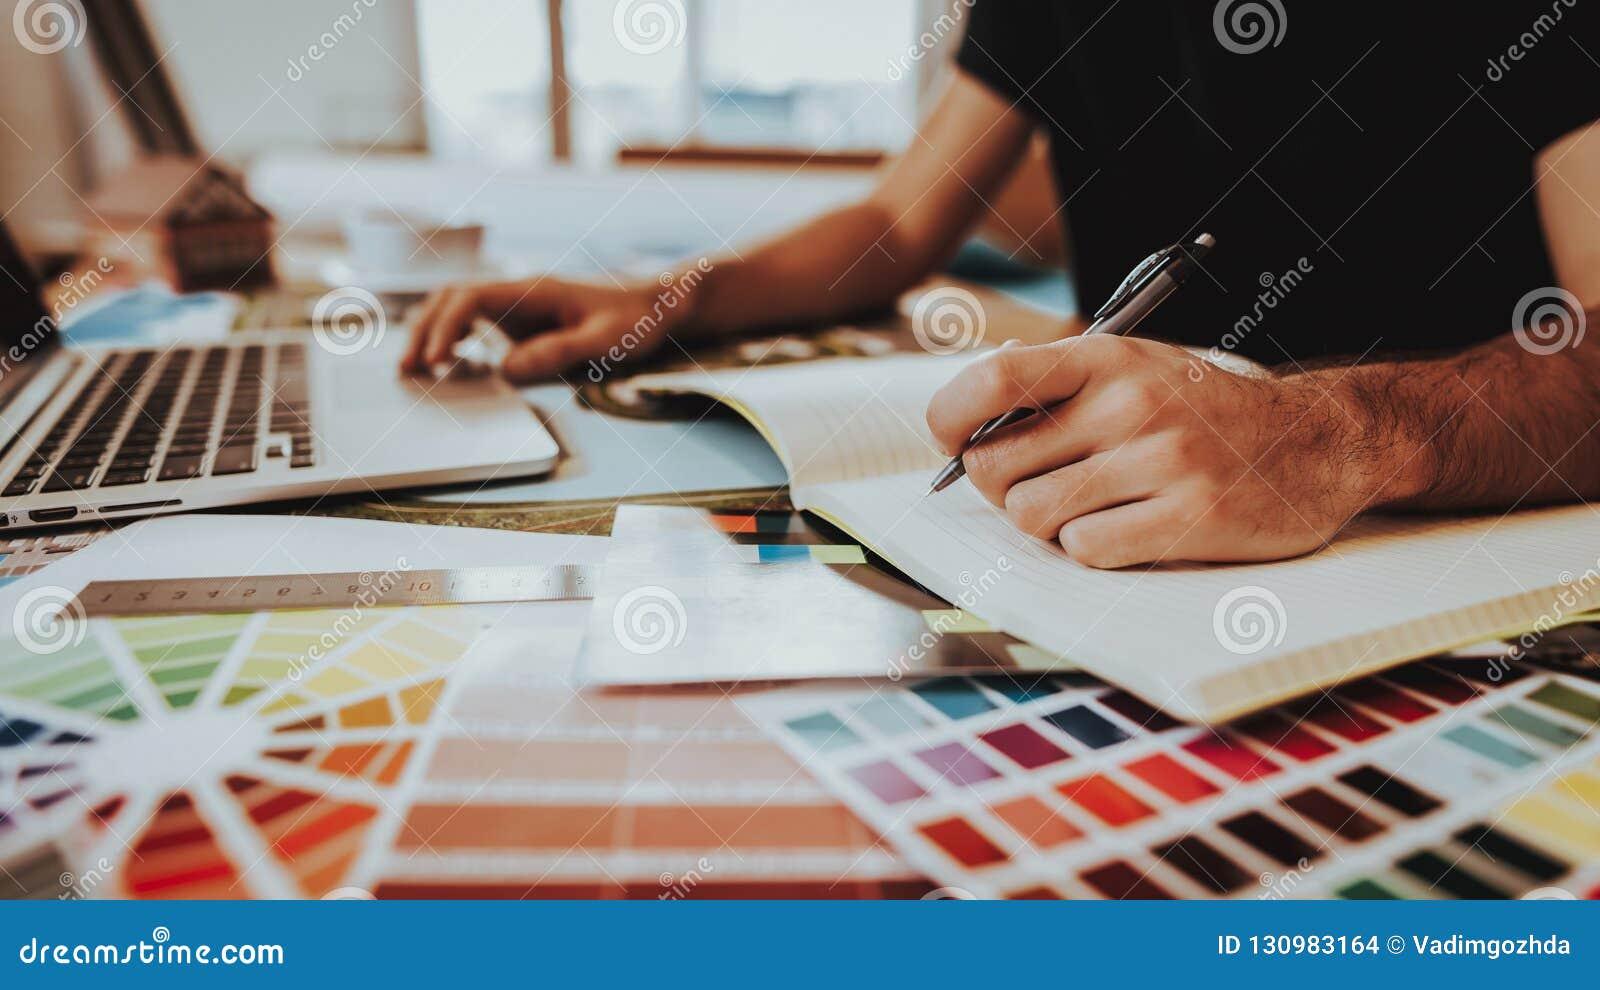 Взгляд со стороны деятельности график-дизайнера на проекте